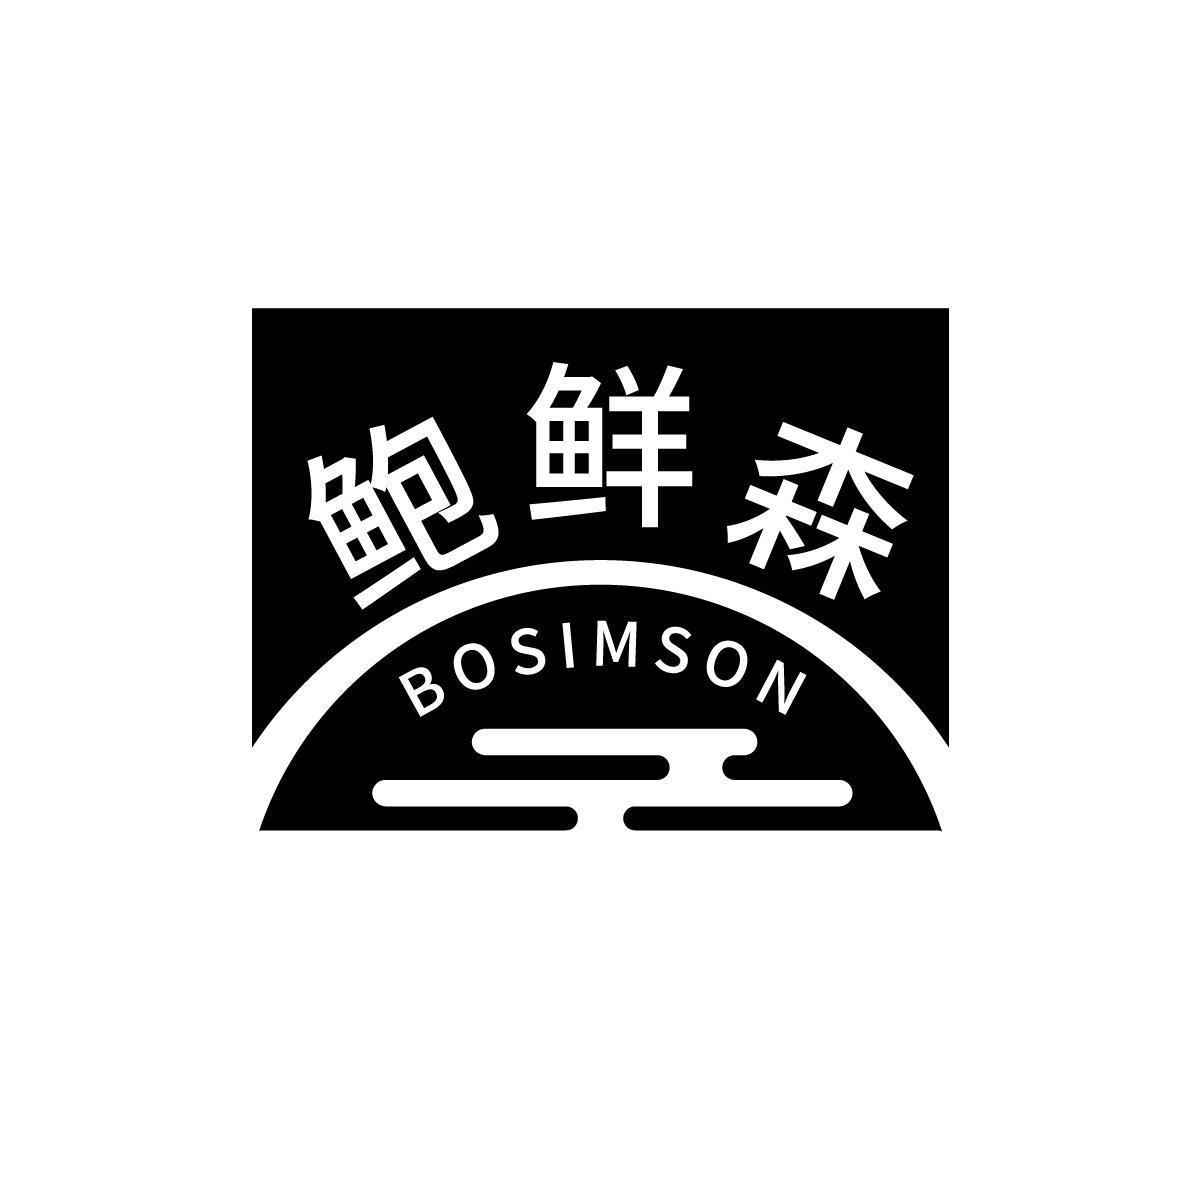 转让商标-鲍先森 BOSIMSON